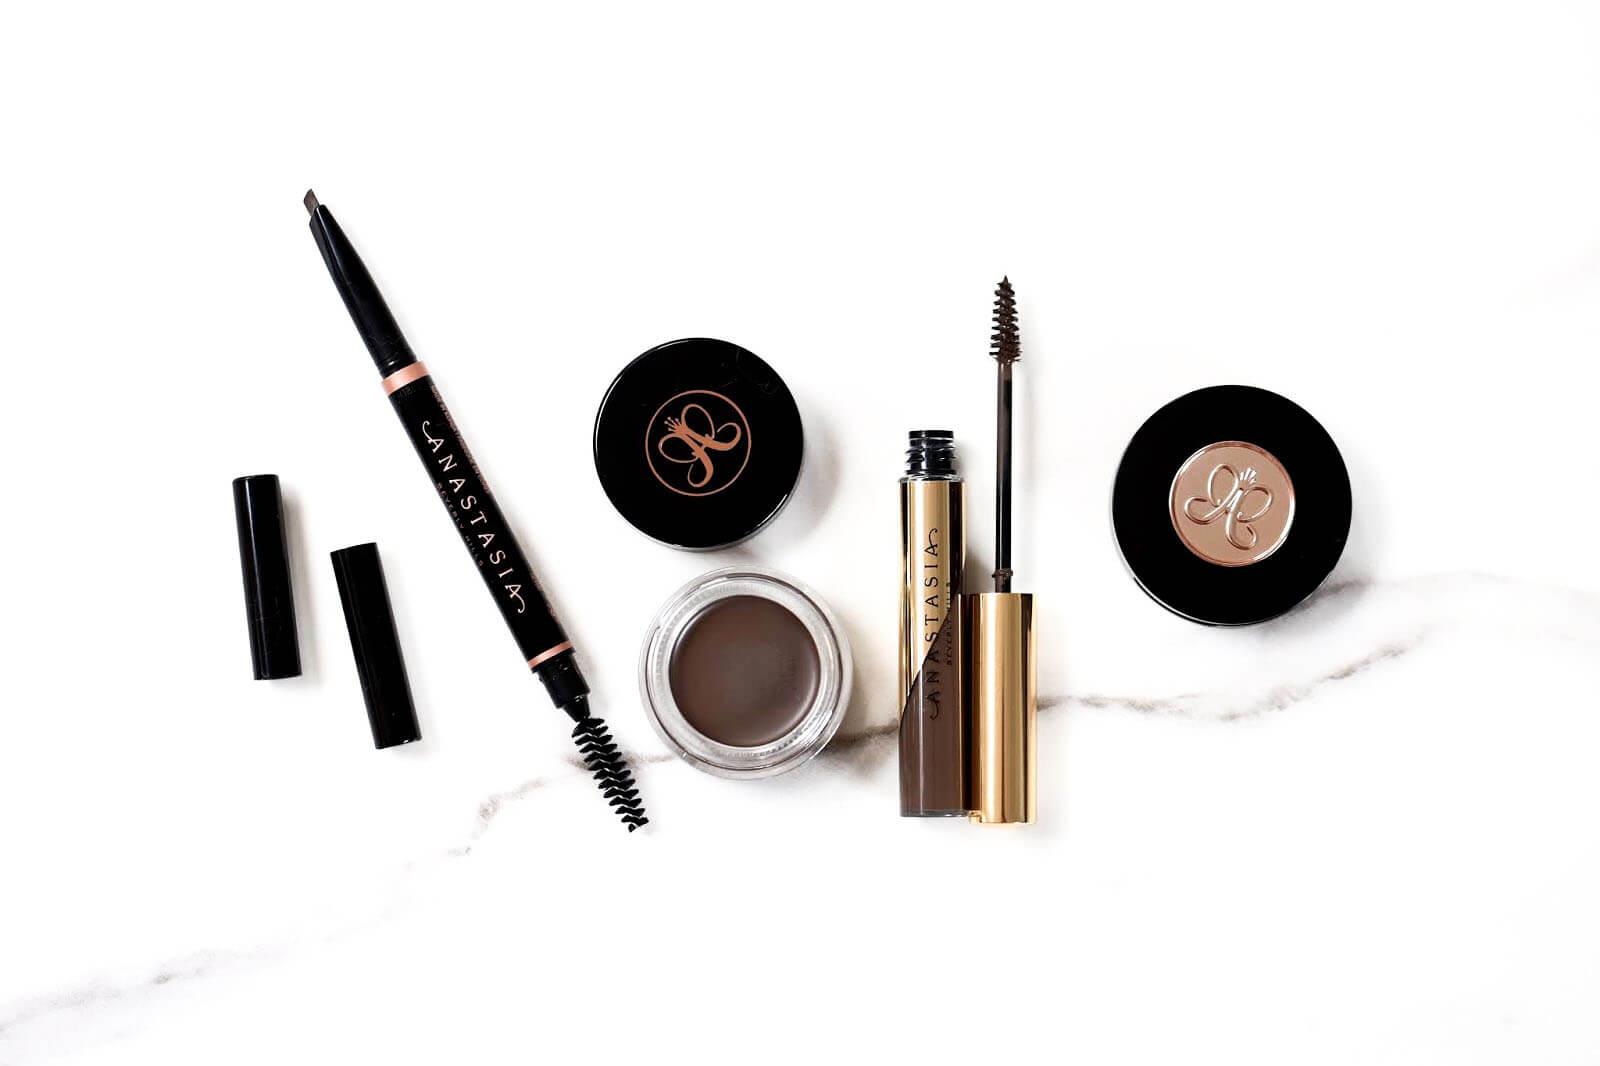 Anastasia Maquillage Sourcils revue